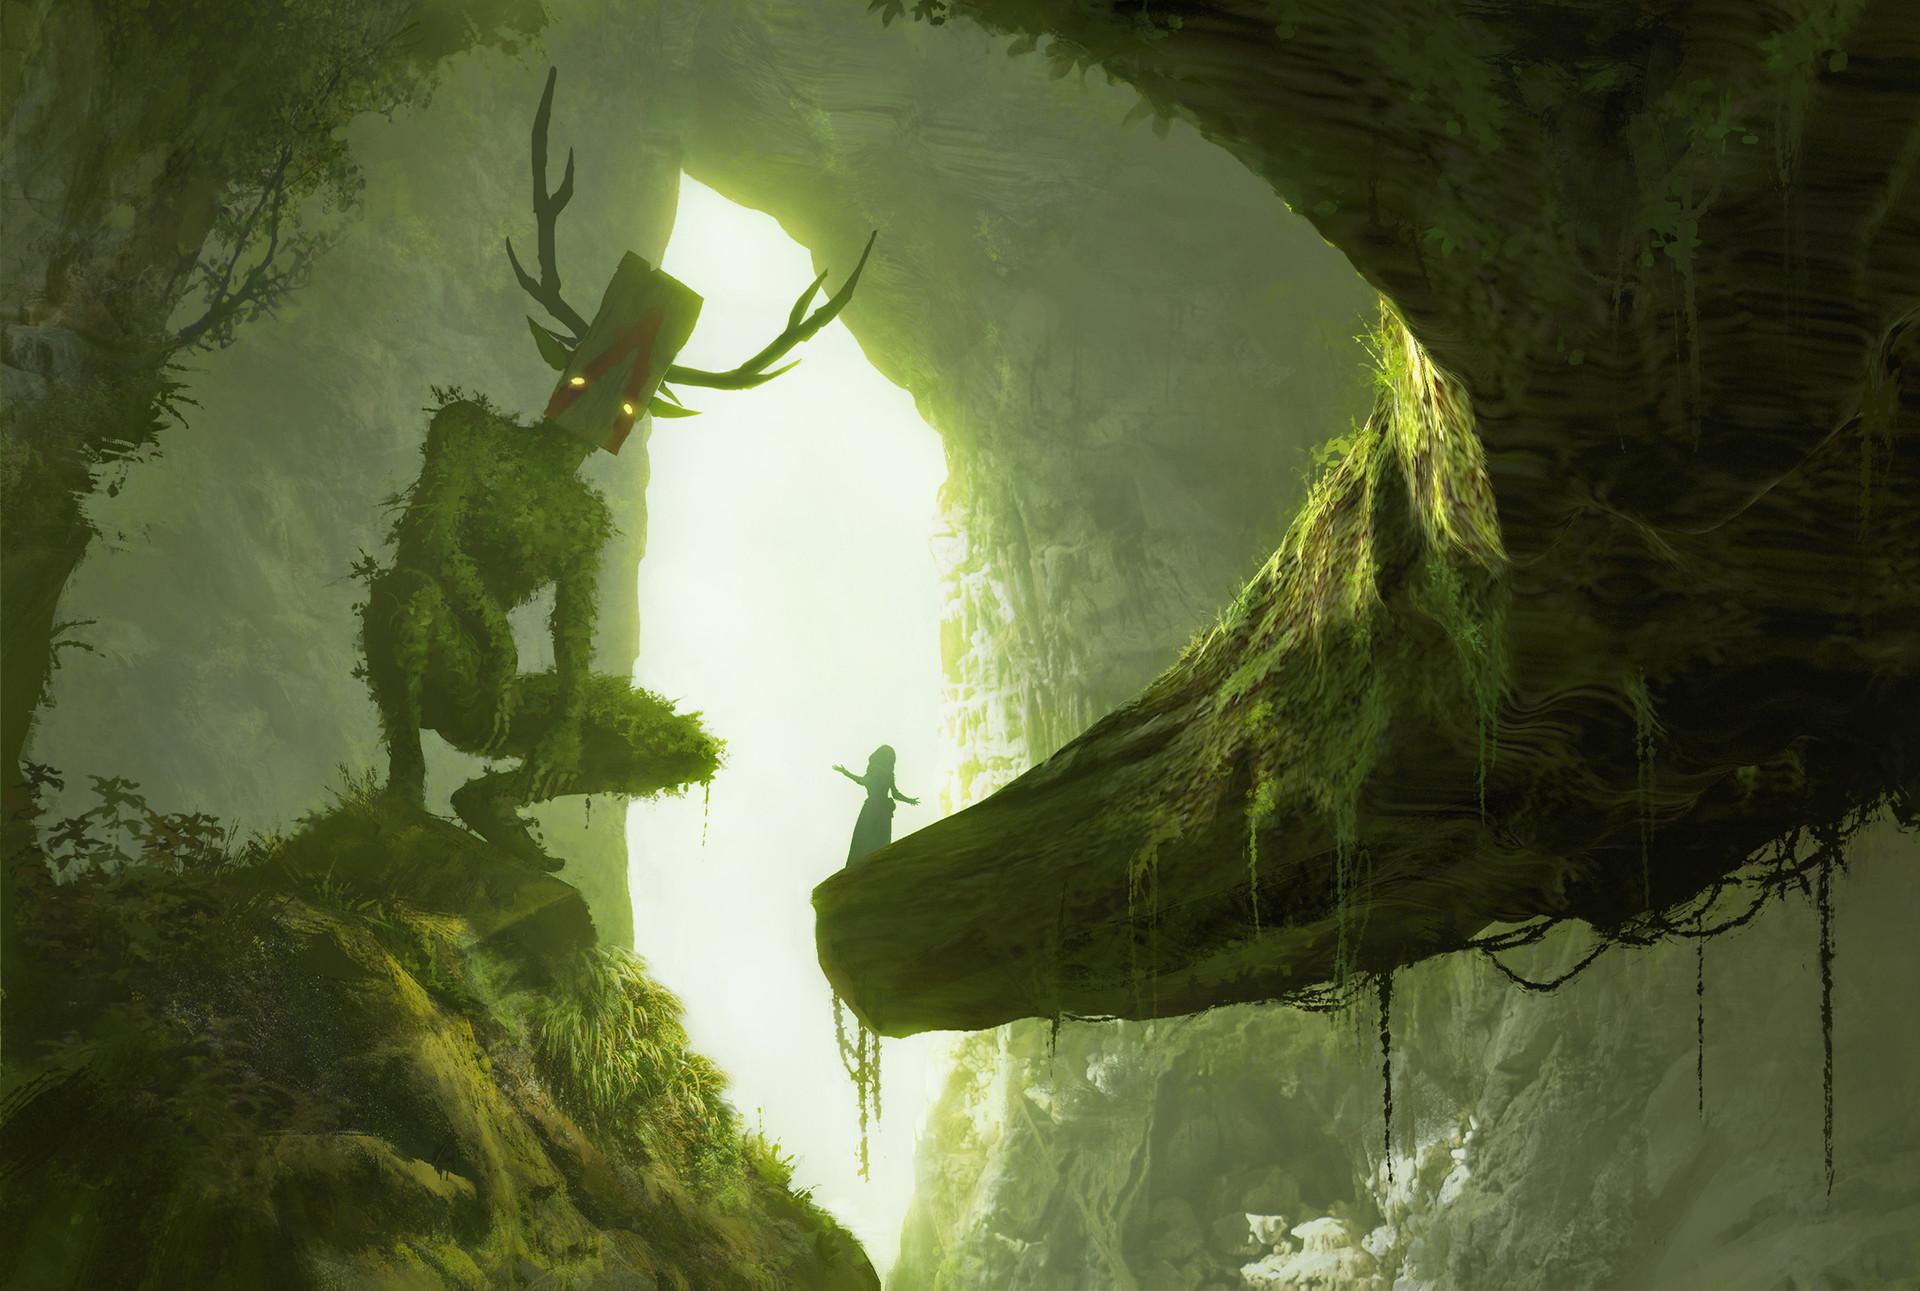 IMAGE(https://cdna.artstation.com/p/assets/images/images/008/430/072/large/tomislav-jagnjic-forest26-2.jpg)